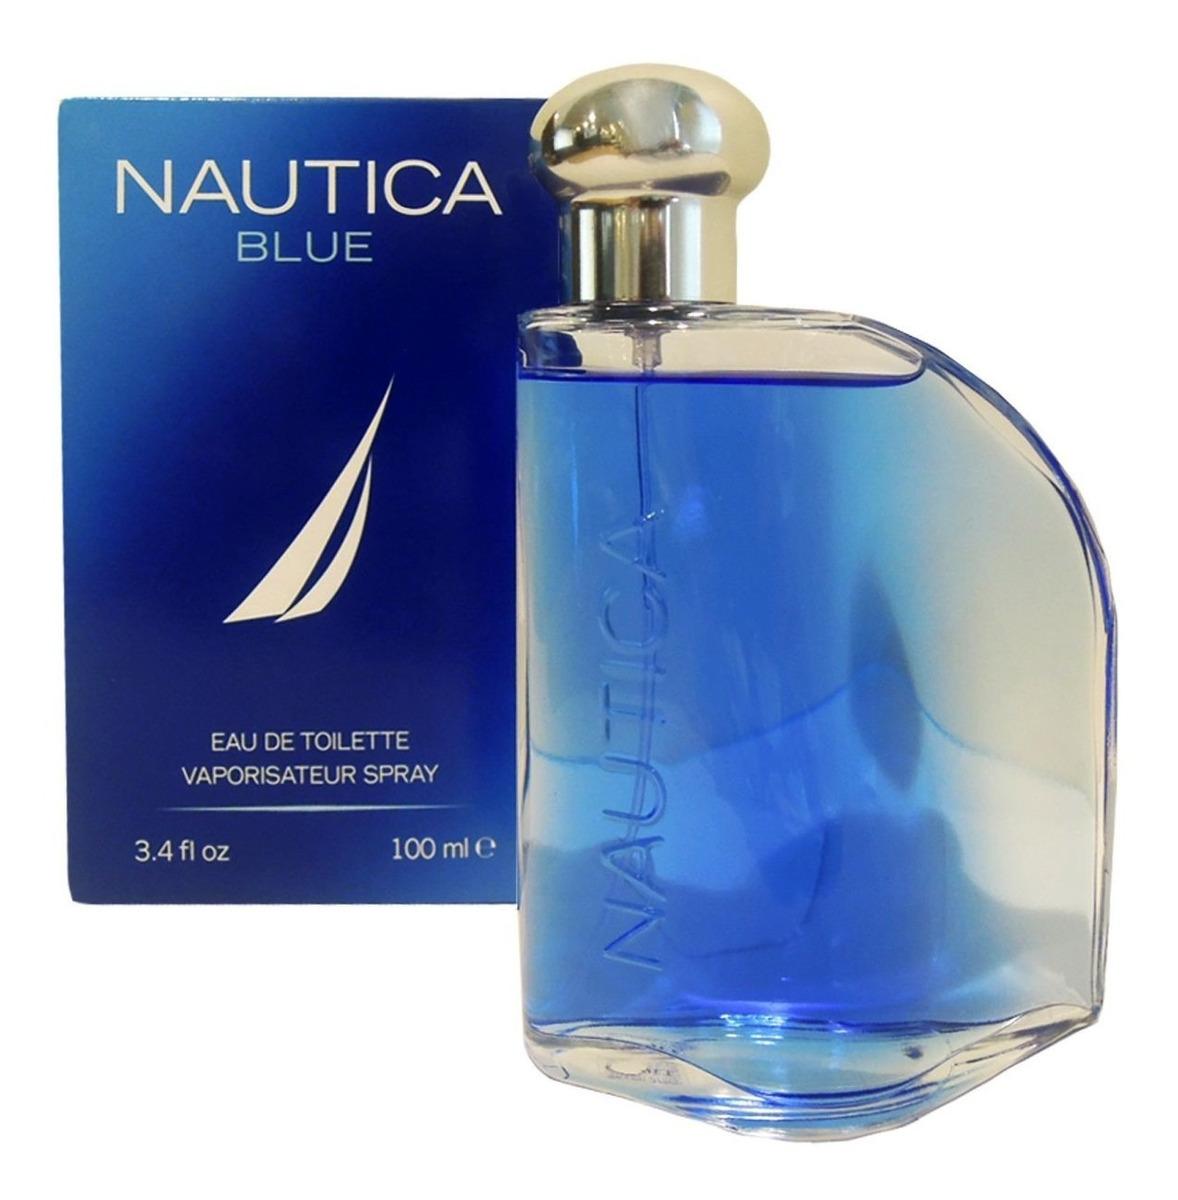 024b5081 paquete 3 perfumes nautica voyage n-83 + blue + classic. Cargando zoom.